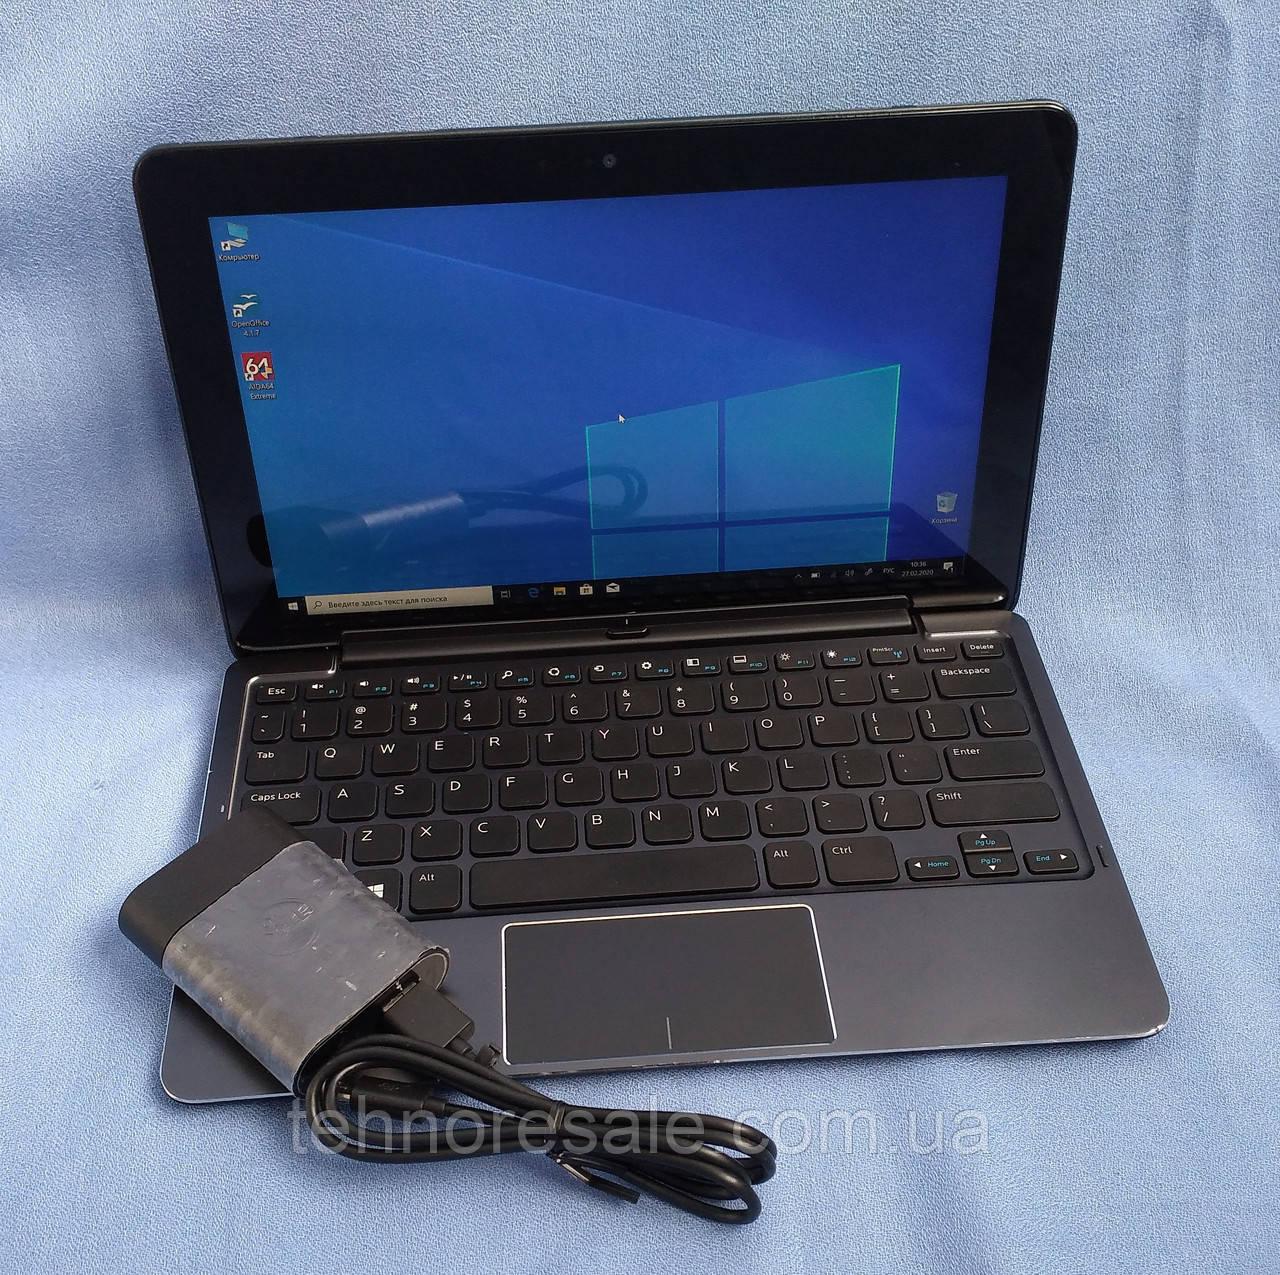 Планшет с клавиатурой Dell Venue 11 Pro 7130,  i5-4300Y, 10,8'', 4/128Gb, NFC, Wi-fi